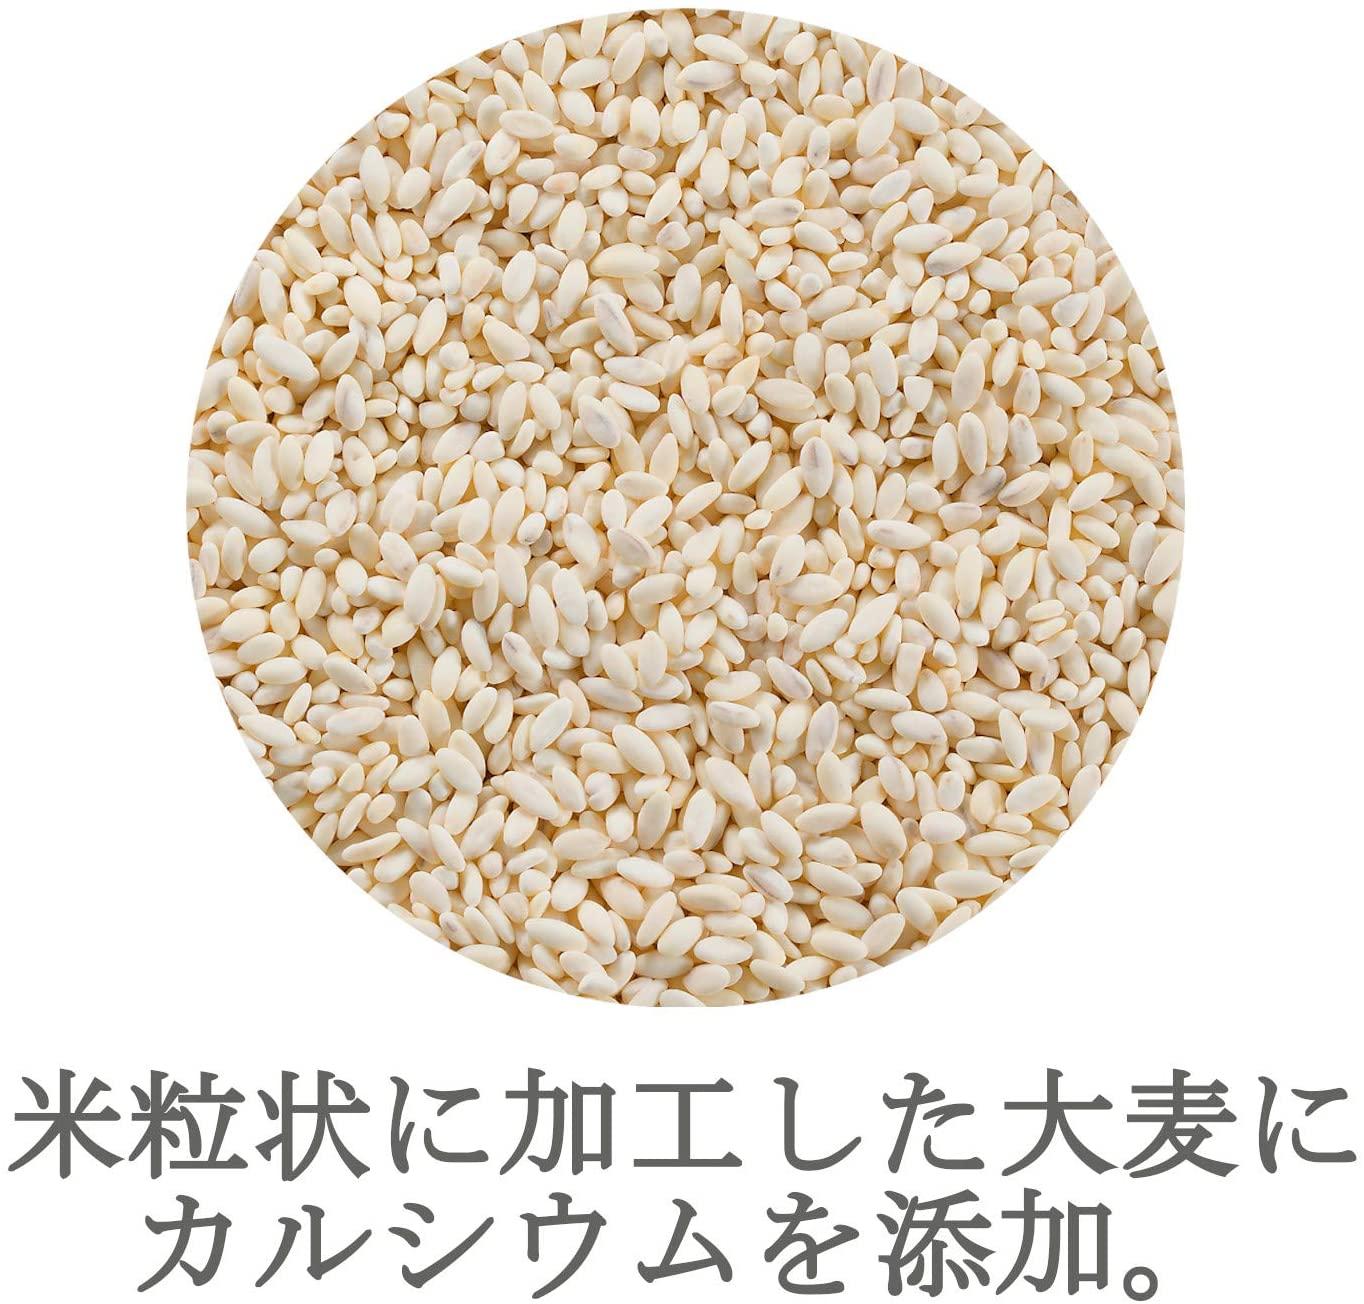 骨太家族 100g(10g×10)×12箱